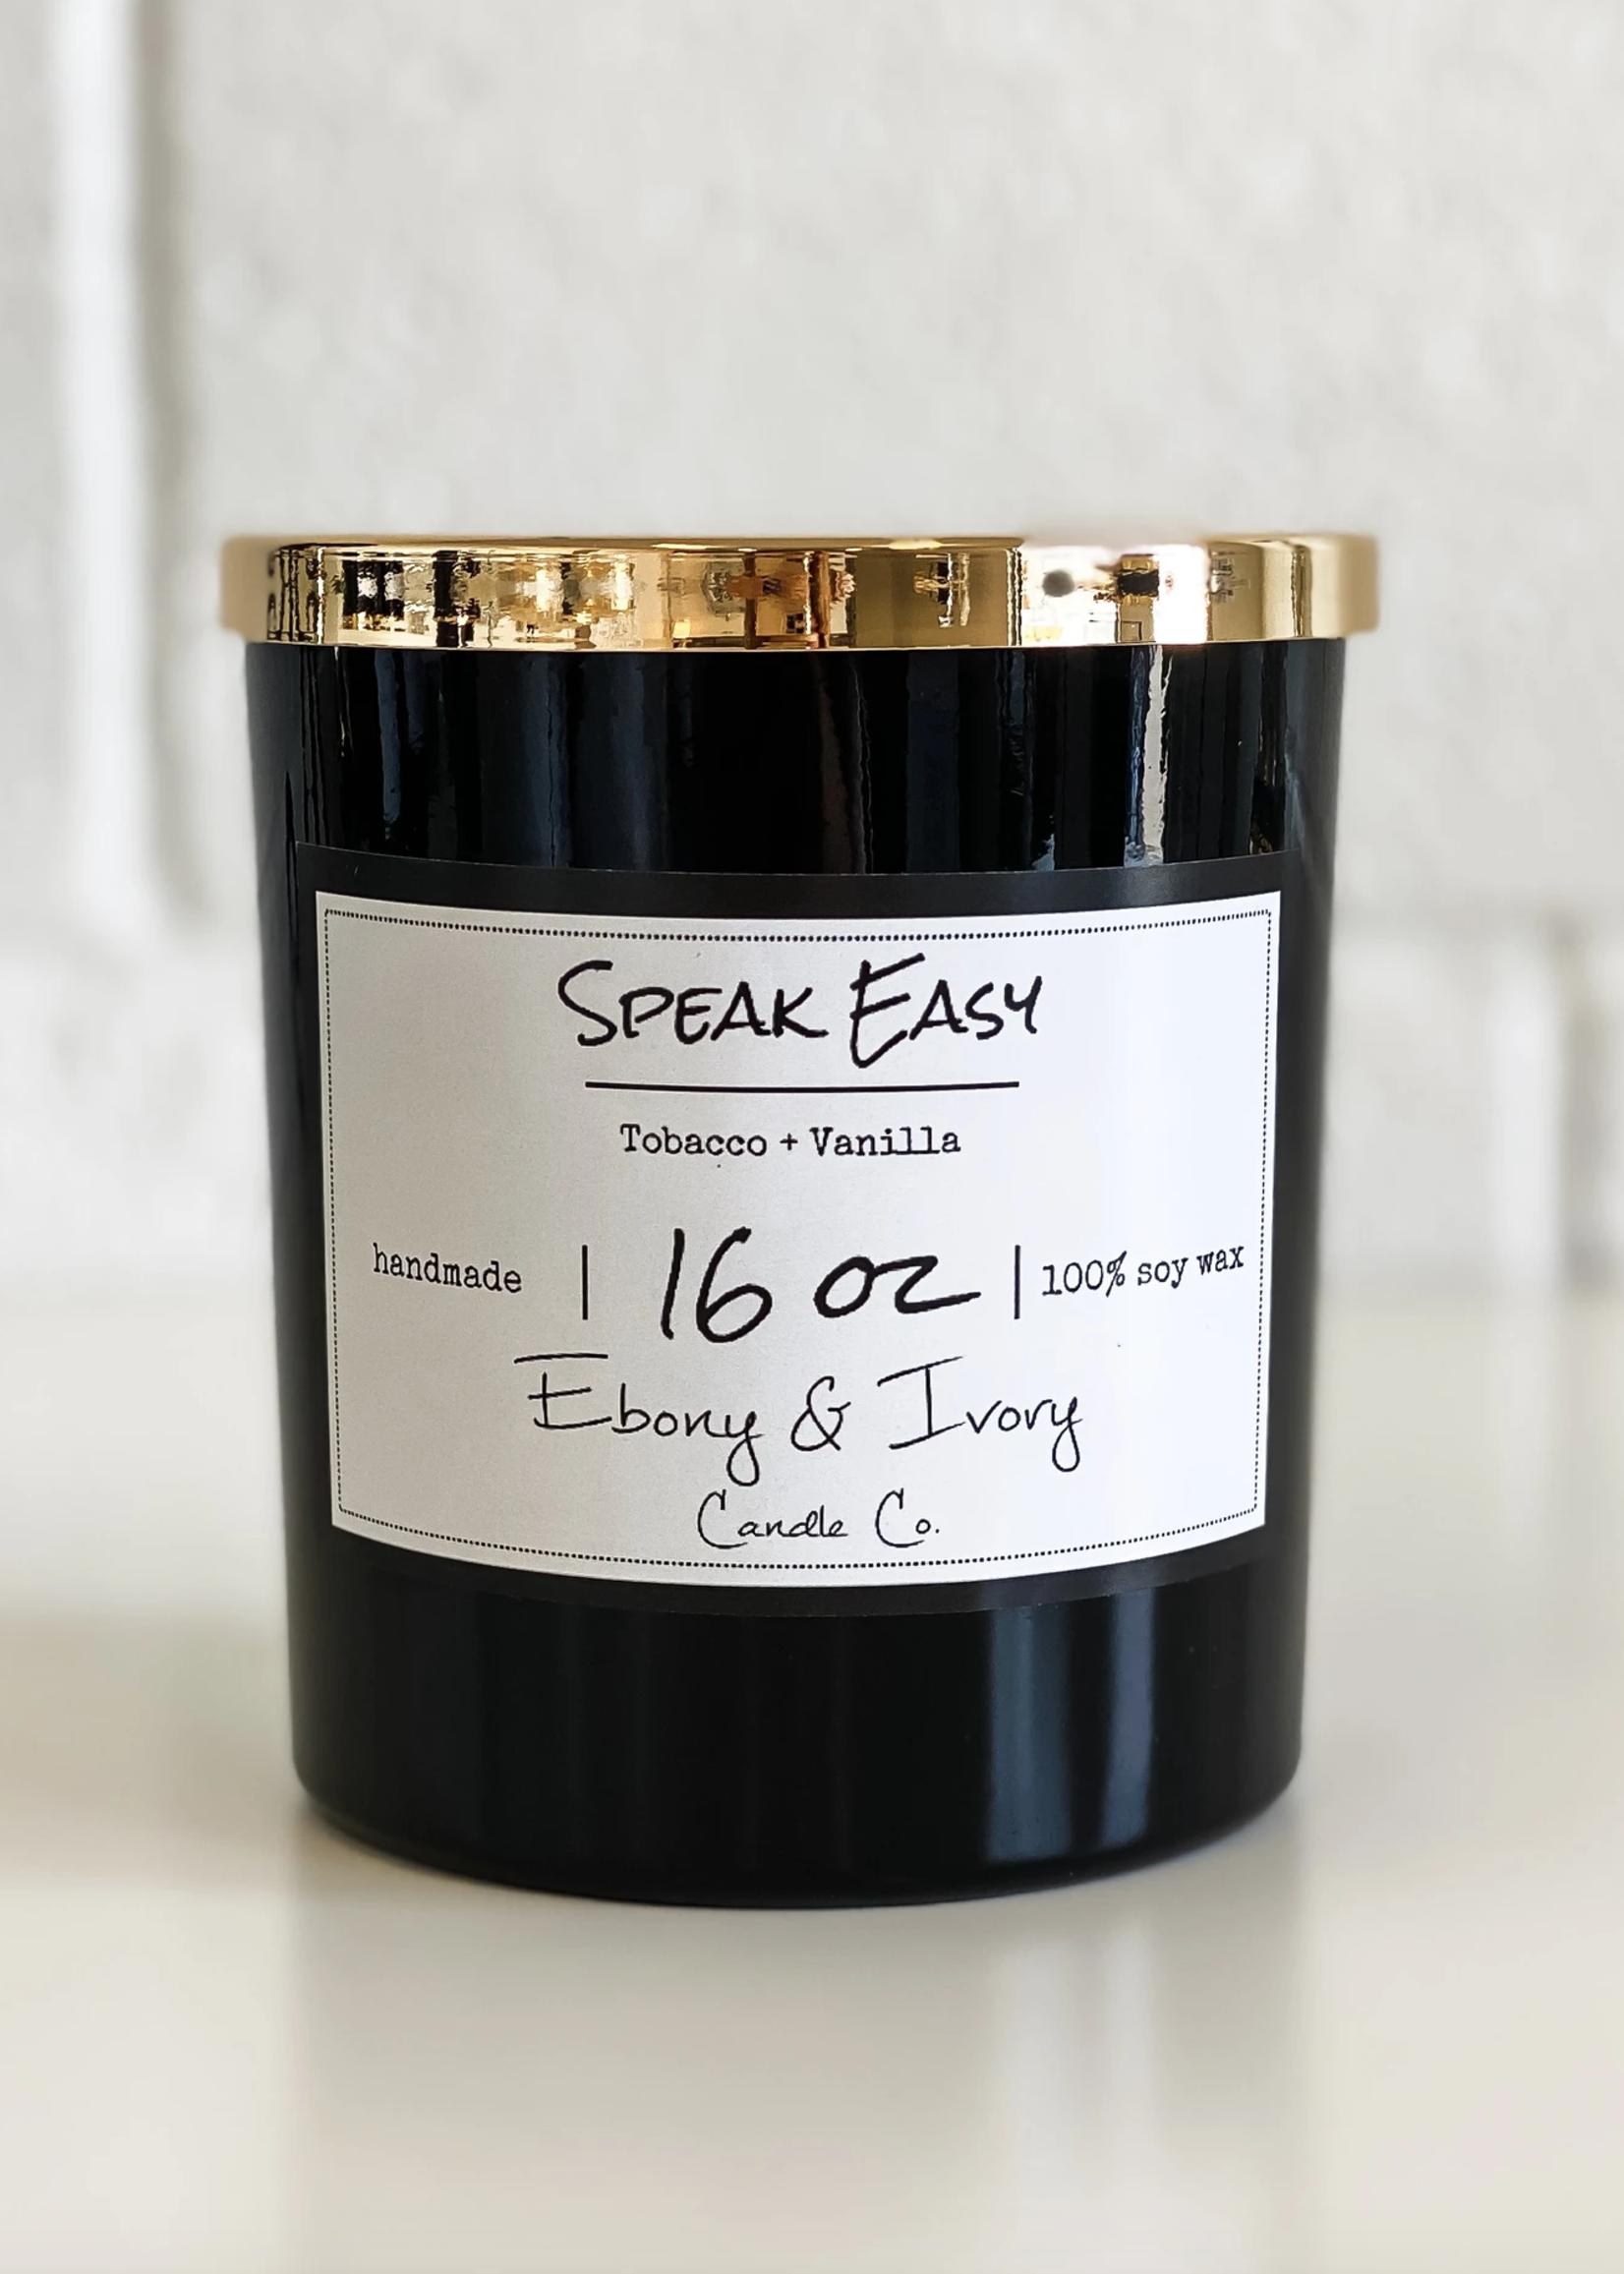 Ebony & Ivory Candle Co. Speak Easy- 16oz